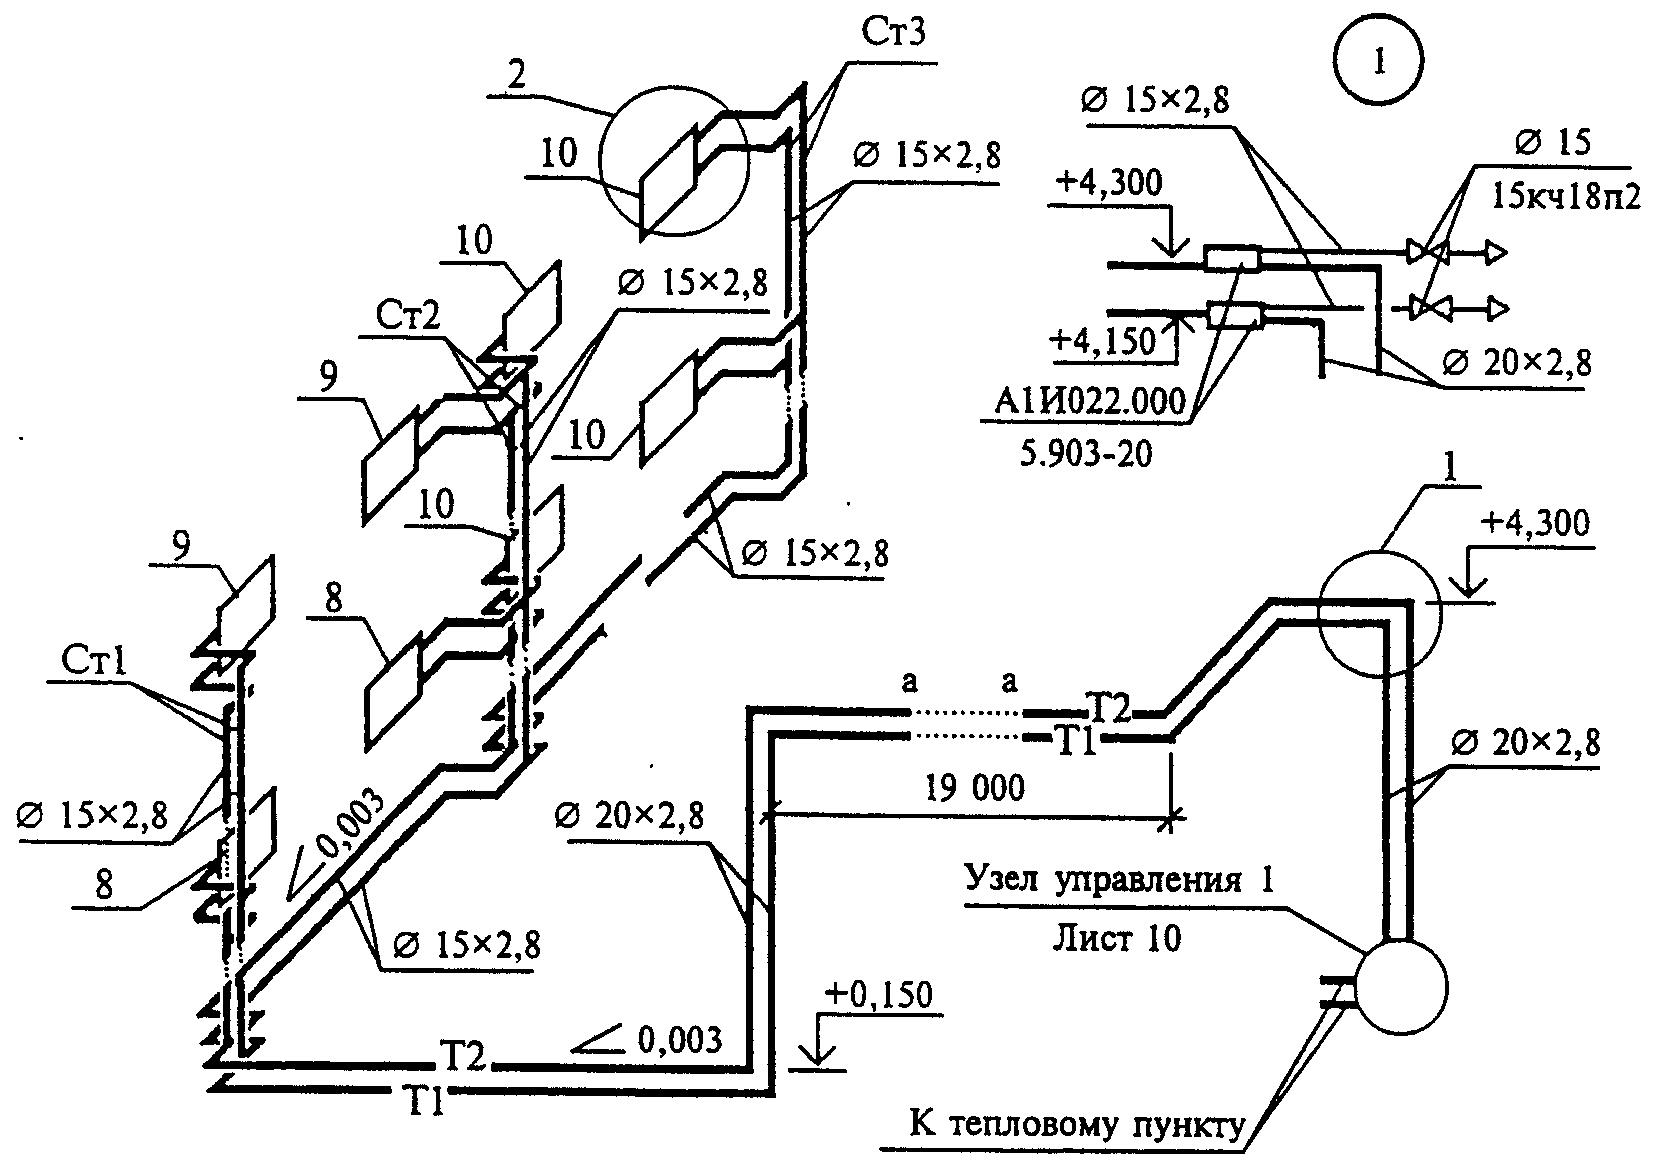 Г.4 Пример выполнения схемы узла (выносного элемента) системы приведен на рисунке Г.4. Г.3 Пример выполнения схемы...